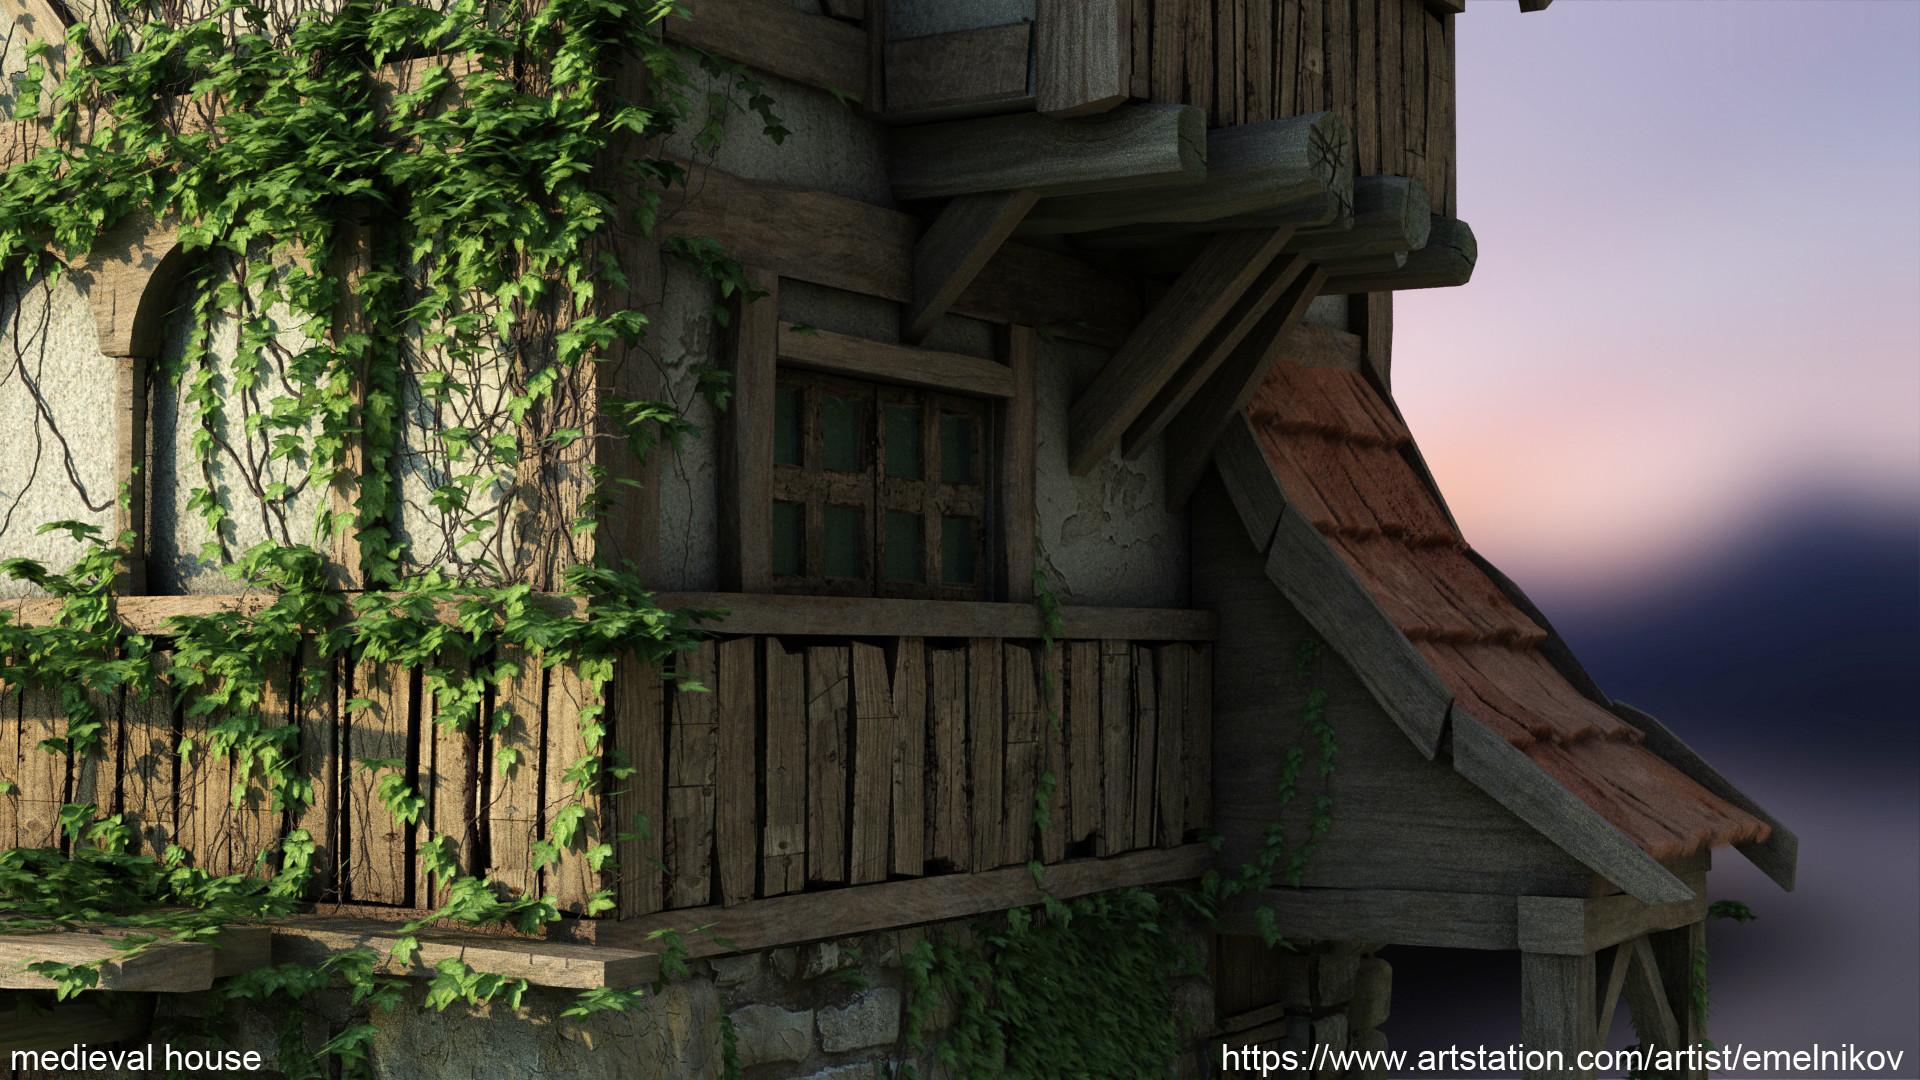 Eugene melnikov medieval house1 render frm12